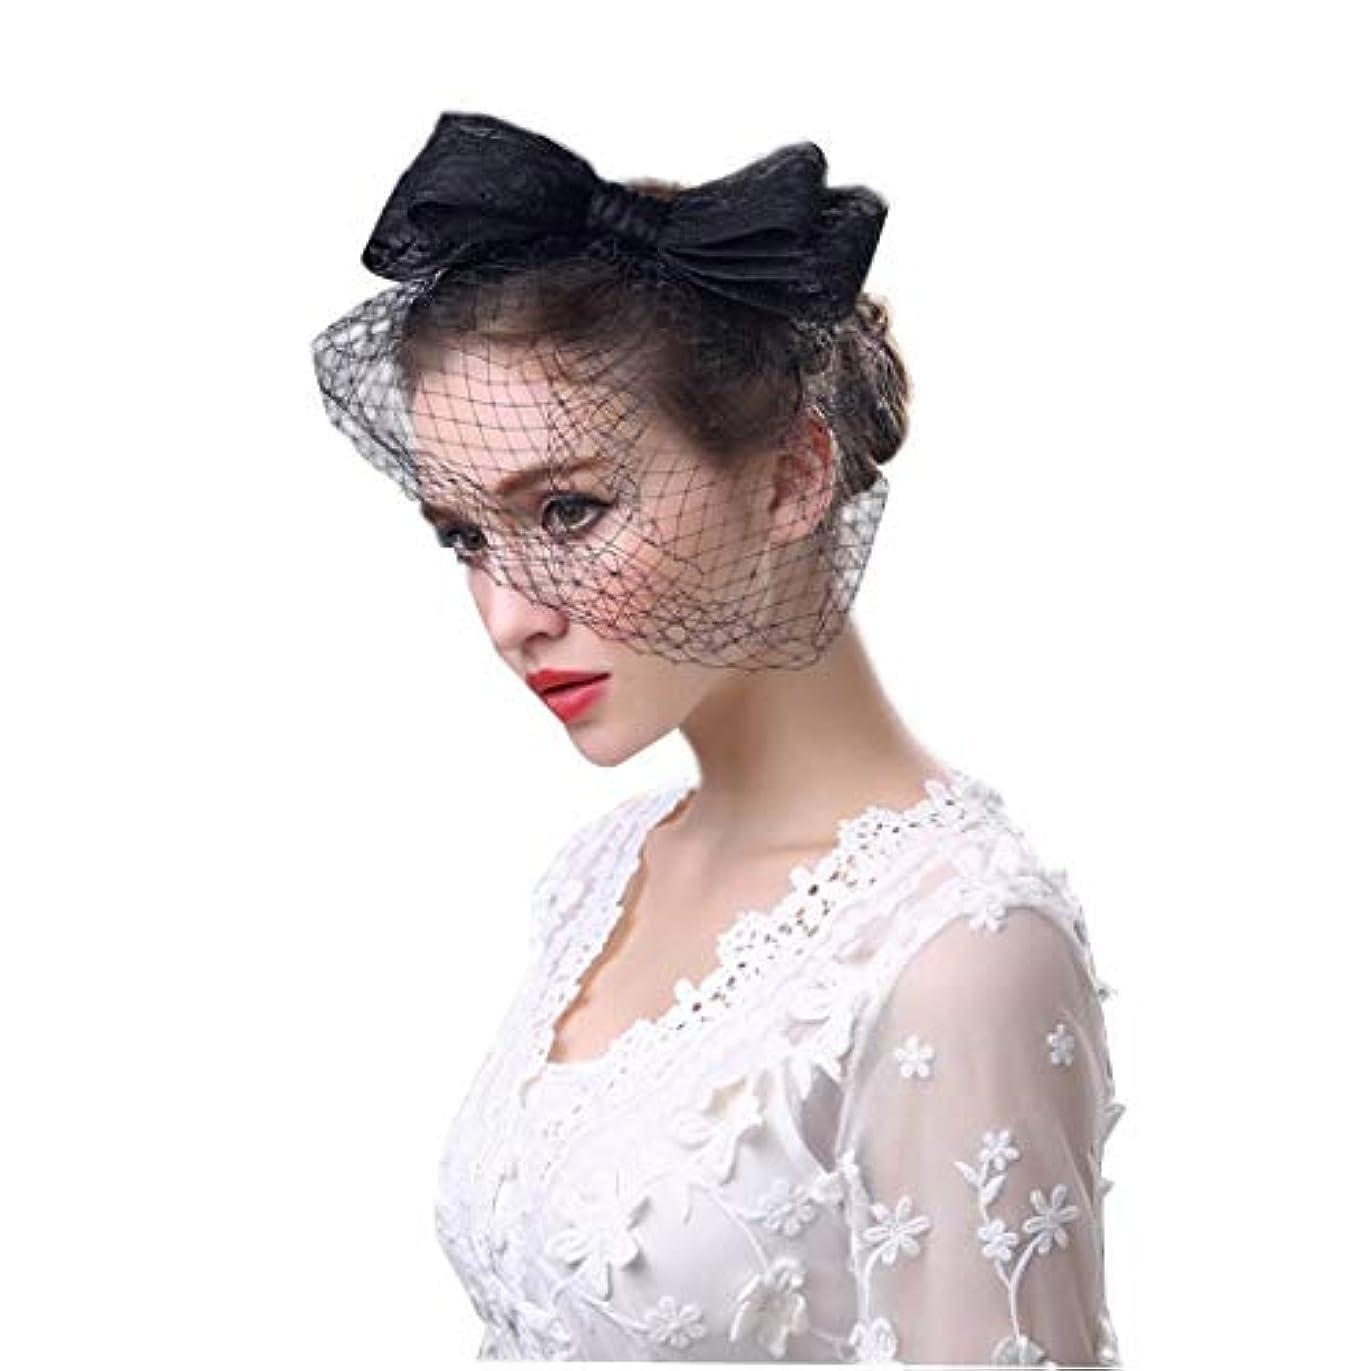 寝室ベーカリー気まぐれなブライダルヘッドドレス、弓帽子ヴィンテージヘッドドレス手作りイギリスファッションレディースリネン帽子フラワーフェザーメッシュベールウェディングティーパーティー